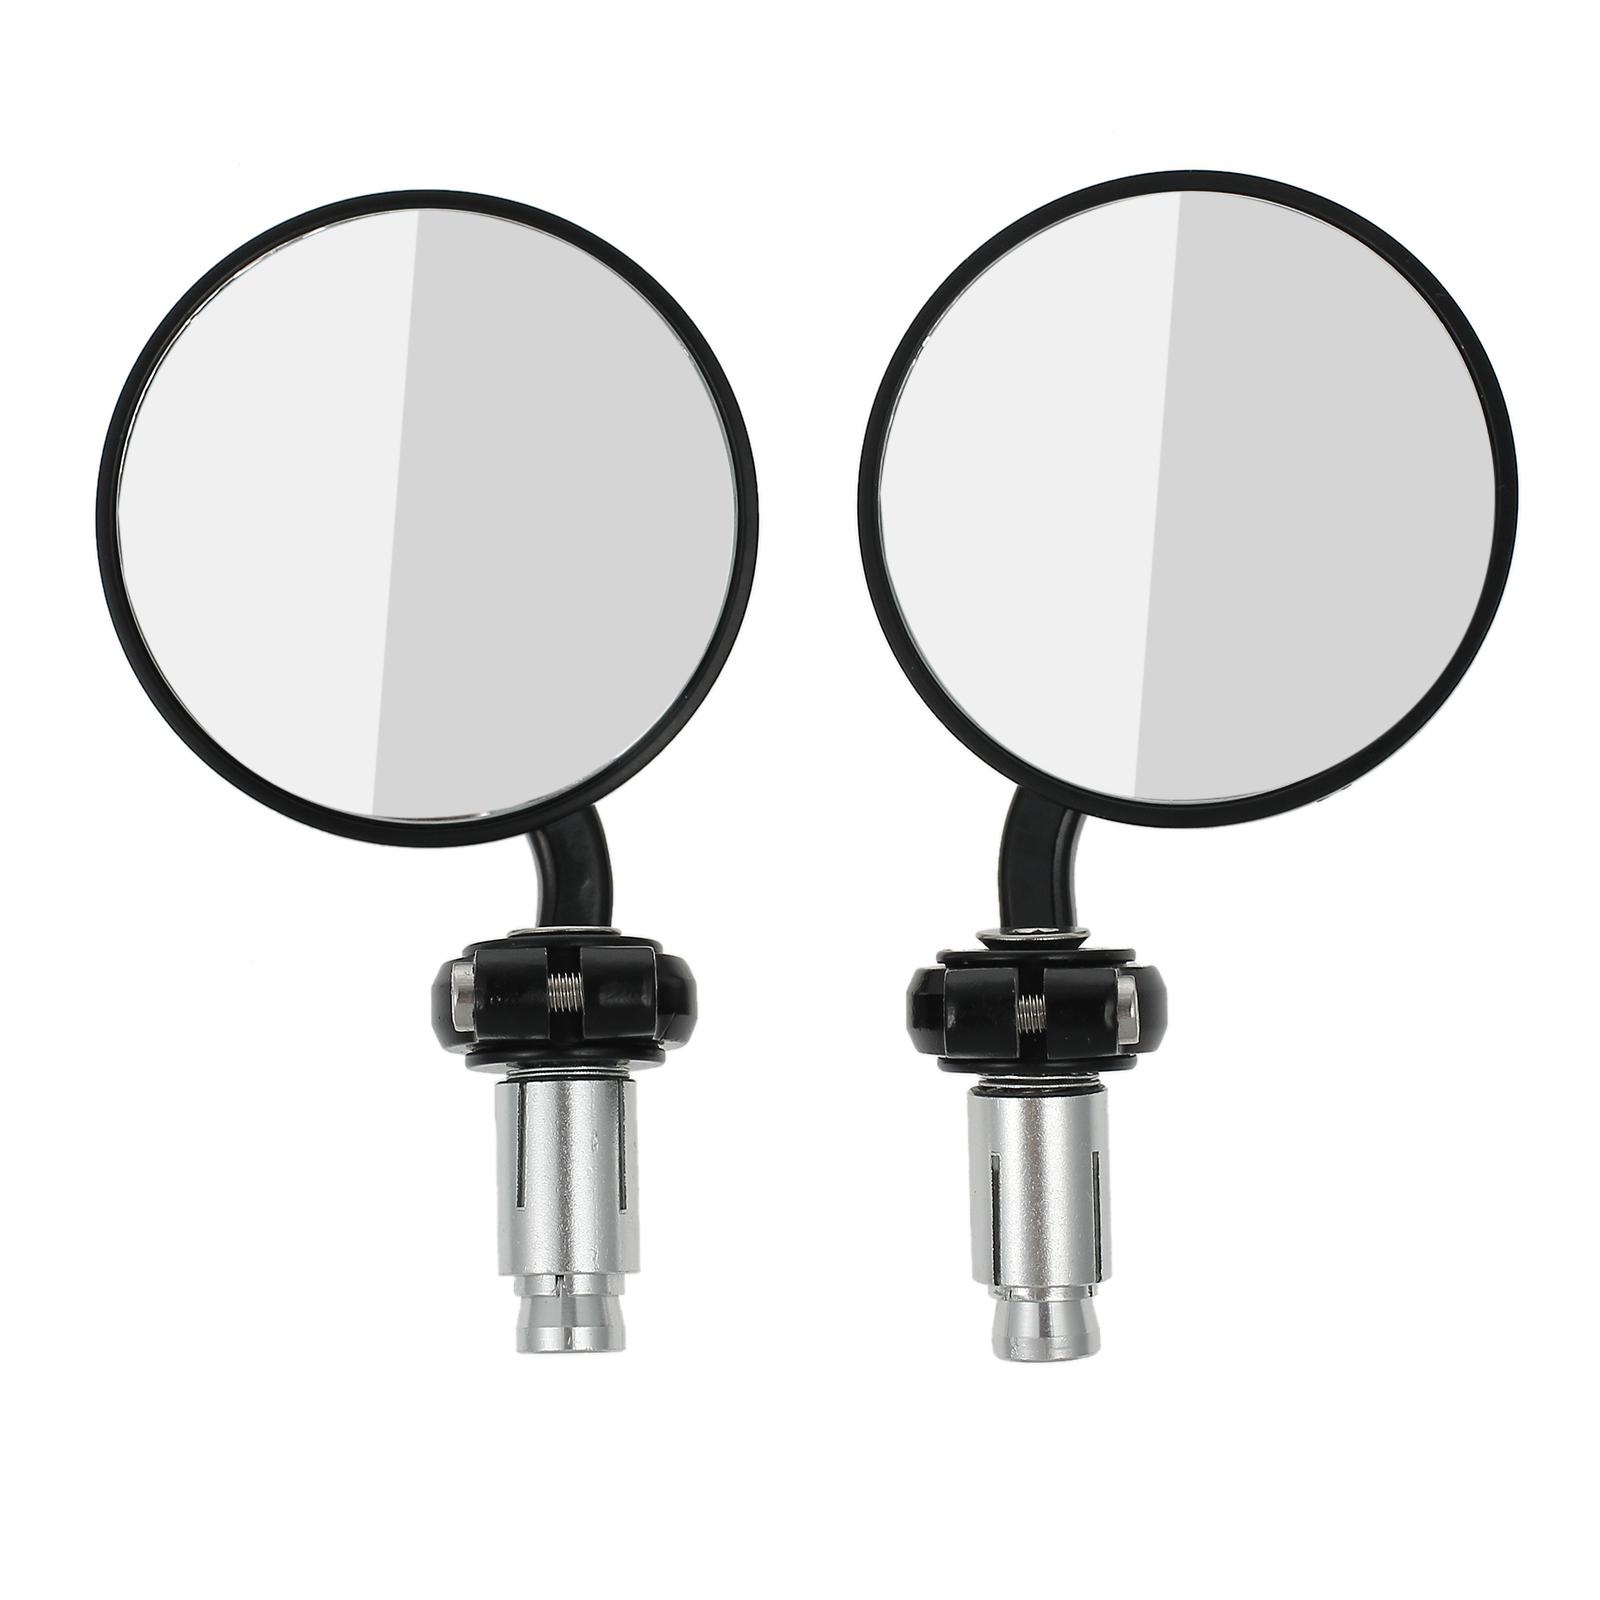 2stk motorrad r ckspiegel lenkerendenspiegel spiegel universal rund schwarz de 799493429947 ebay - Spiegel rund schwarz ...